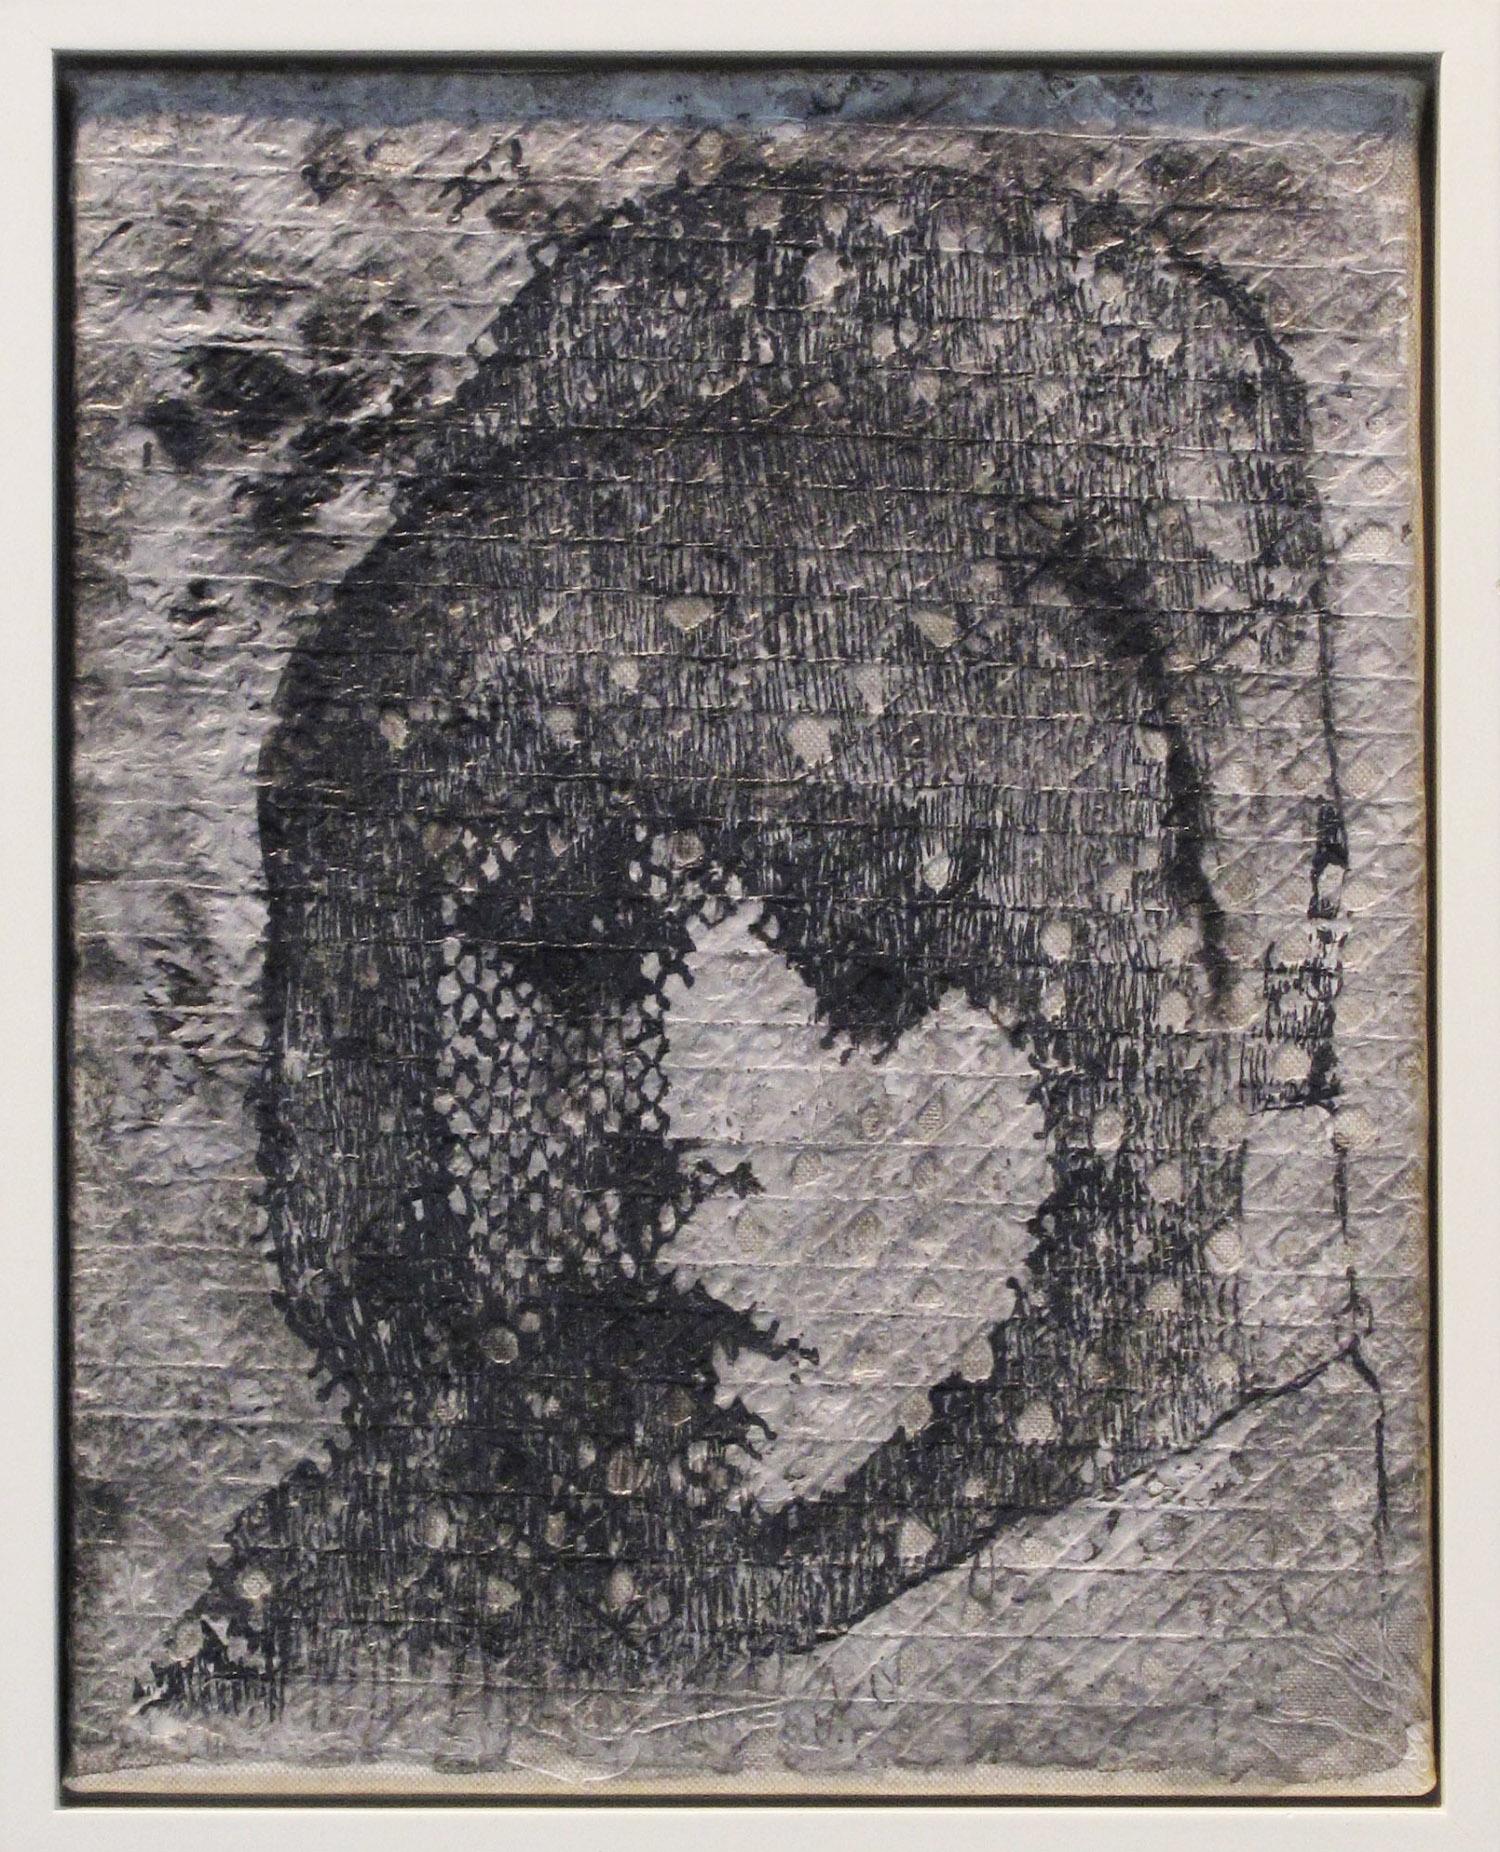 5bj(0) - Shrouded Child -inks on handmade  paper over canvas, 14x11 in. , 2011.jpg